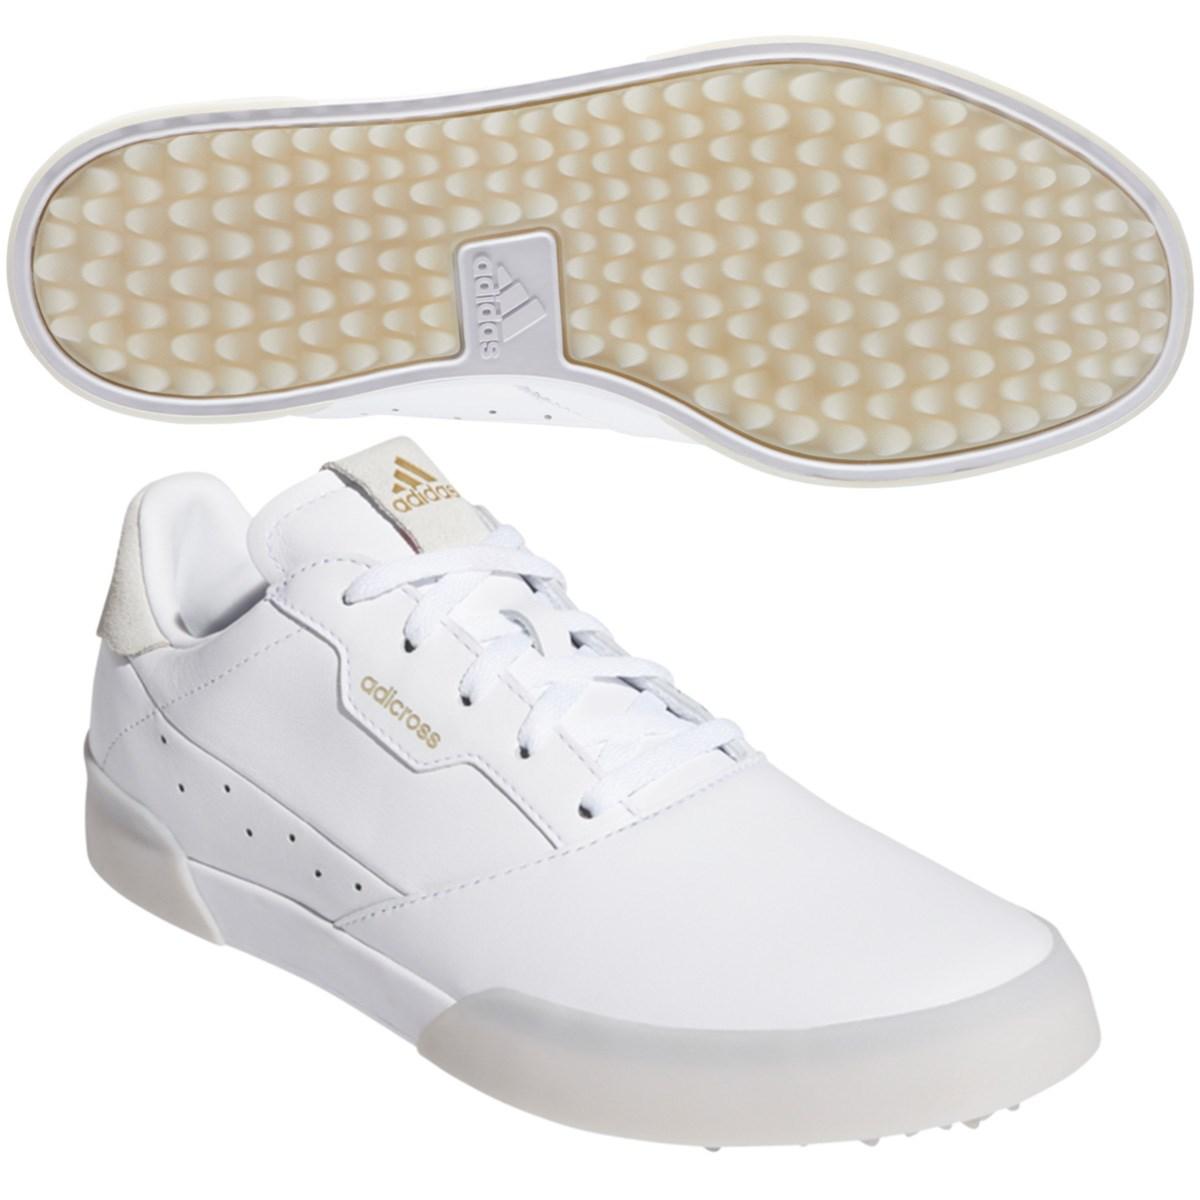 アディダス Adidas アディクロス レトロ シューズ 22.5cm ホワイト/ゴールドメタリック/クリスタルホワイト レディス